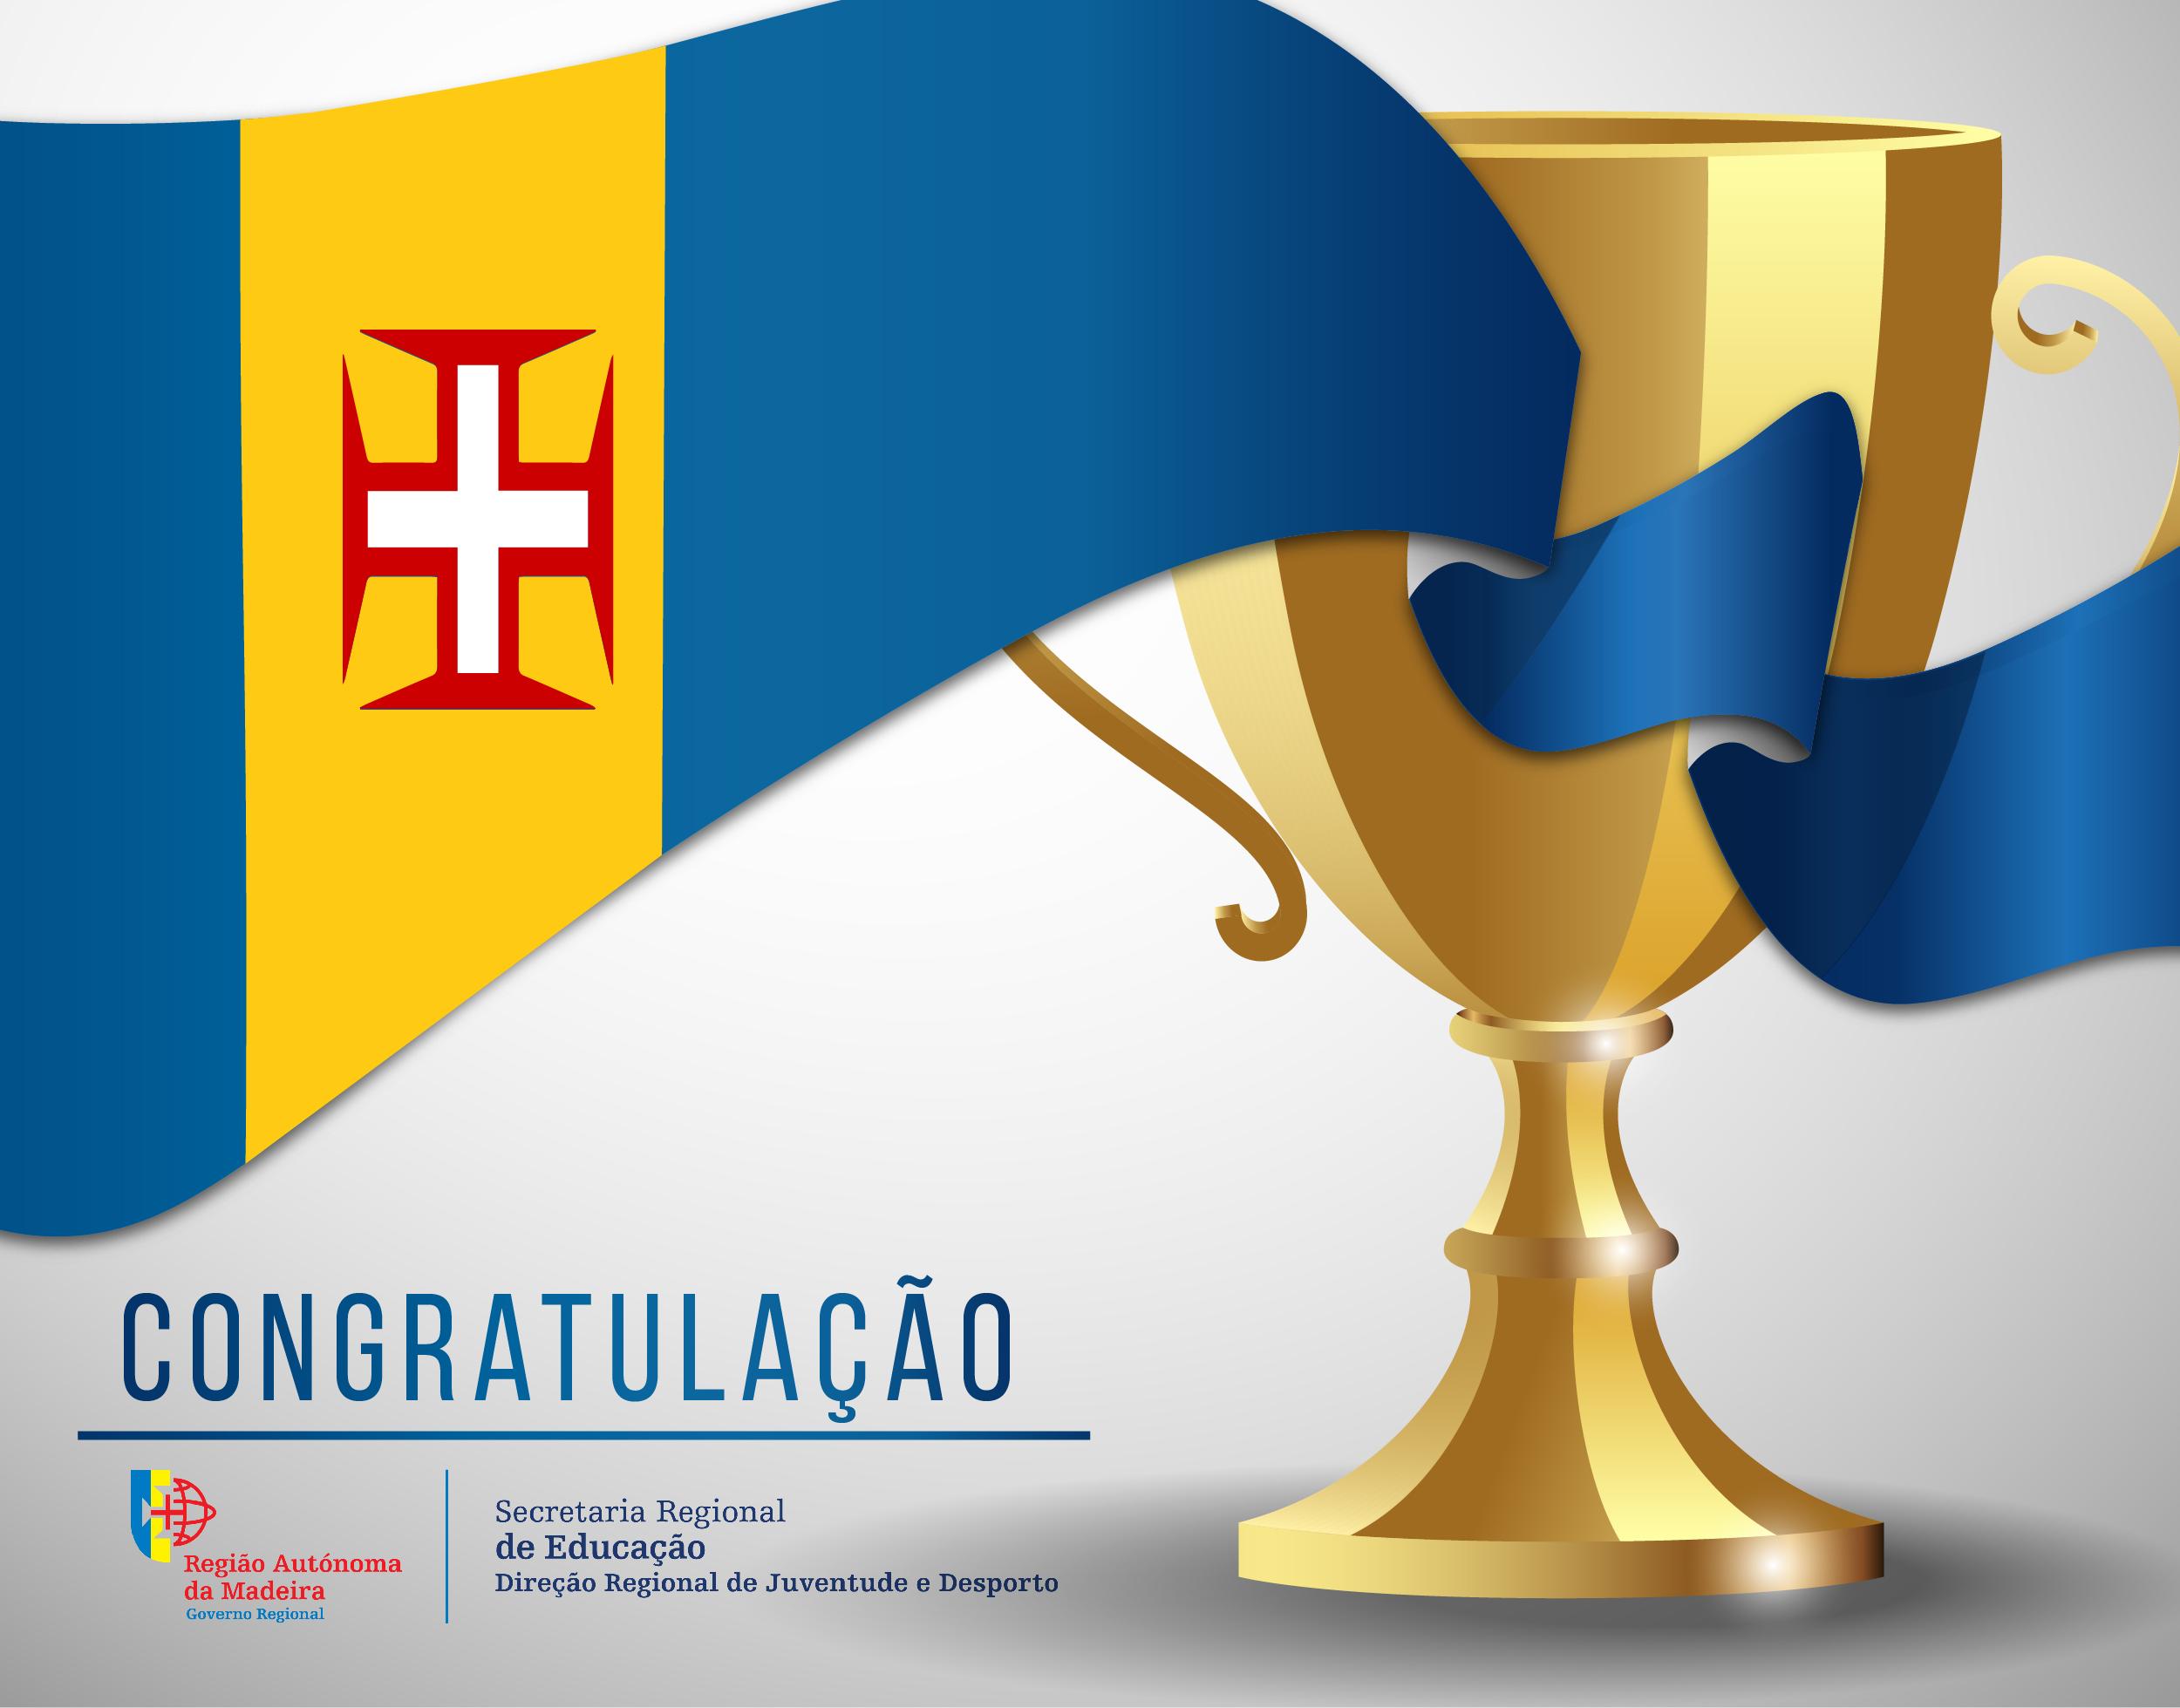 Congratulação - Sofia Caetano (CDR Santanense)